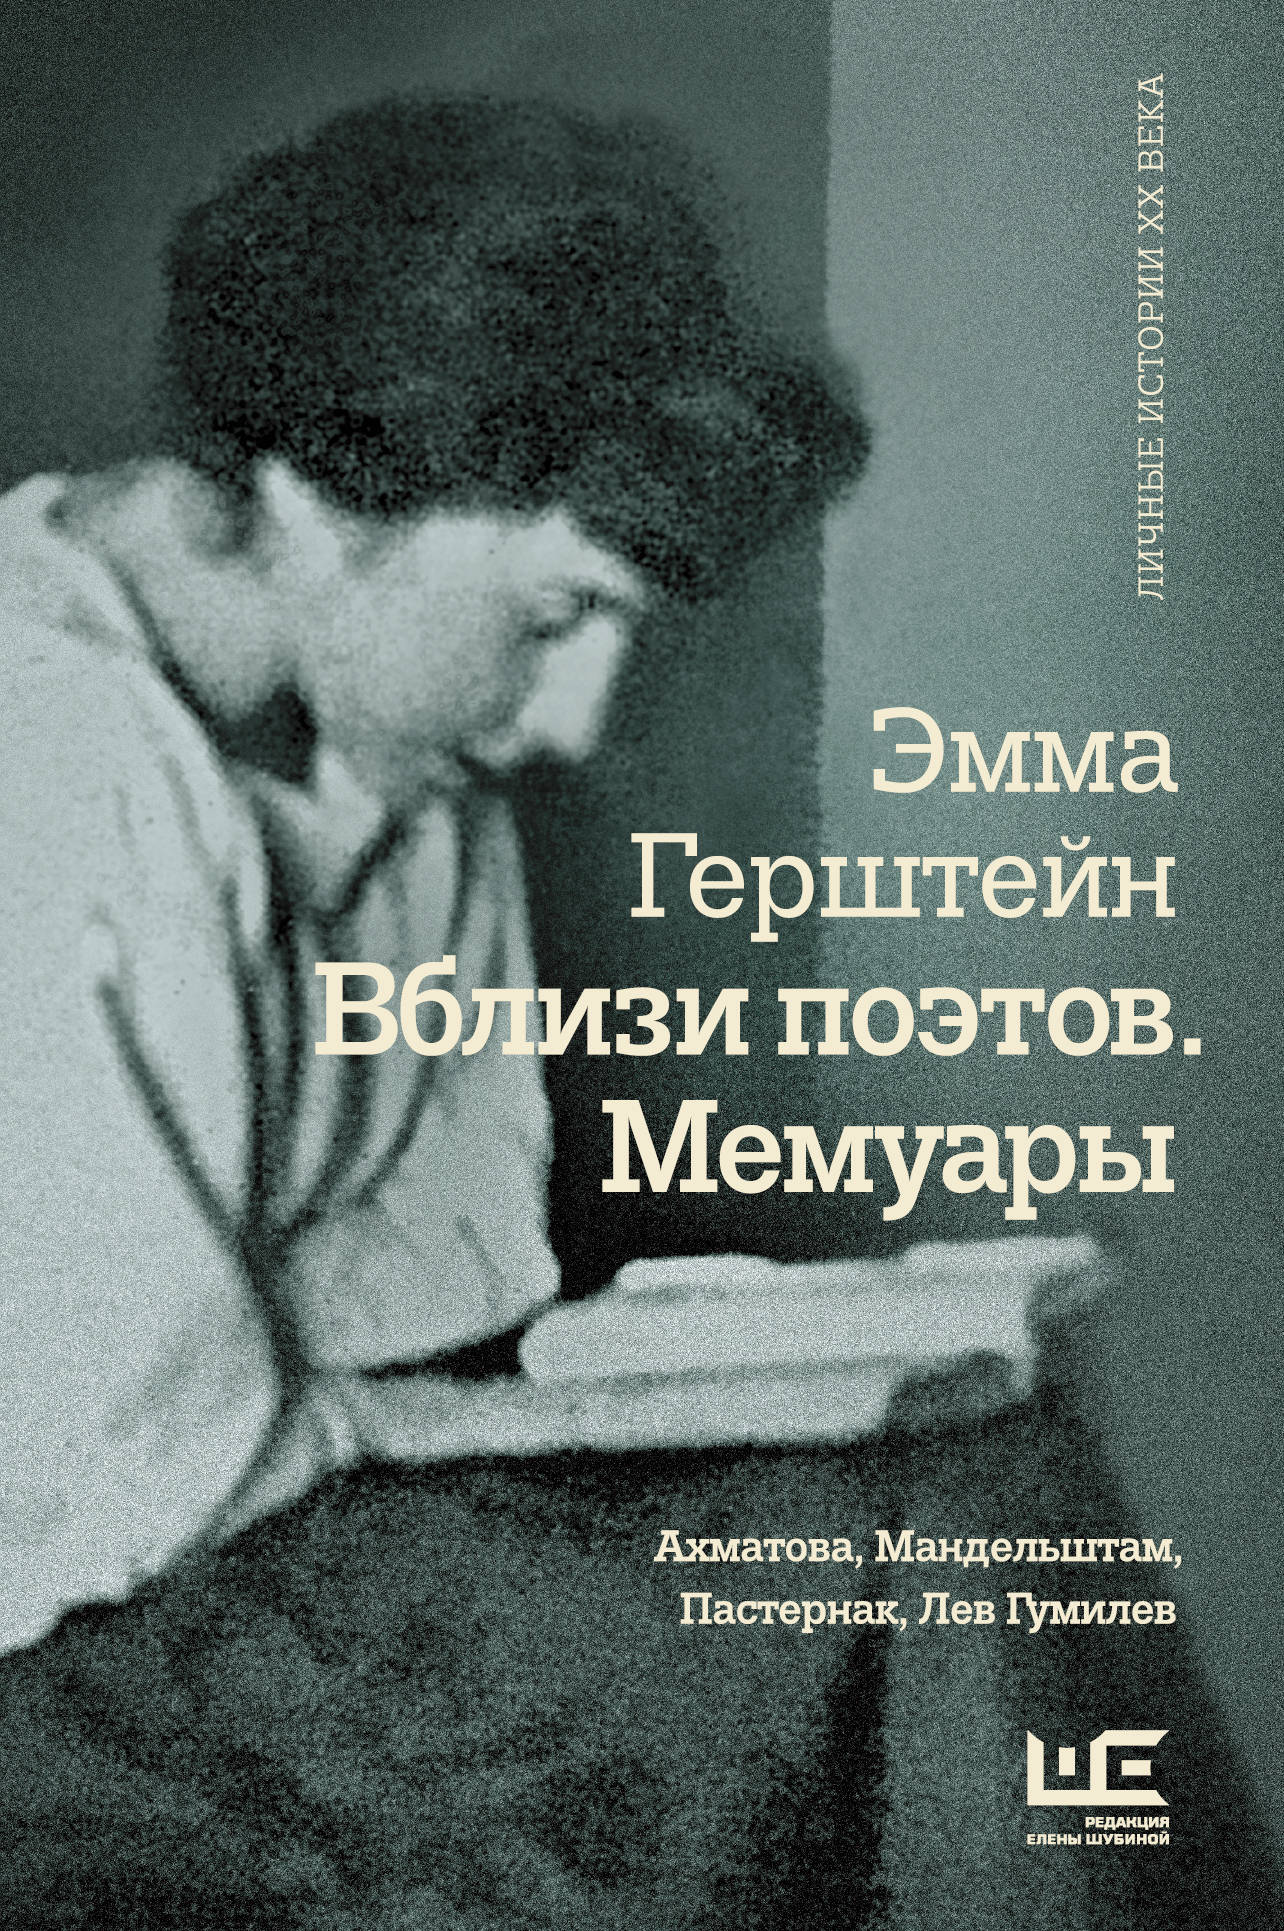 Vblizi poetov. Memuary: Akhmatova, Mandelshtam, Pasternak, Lev Gumilev